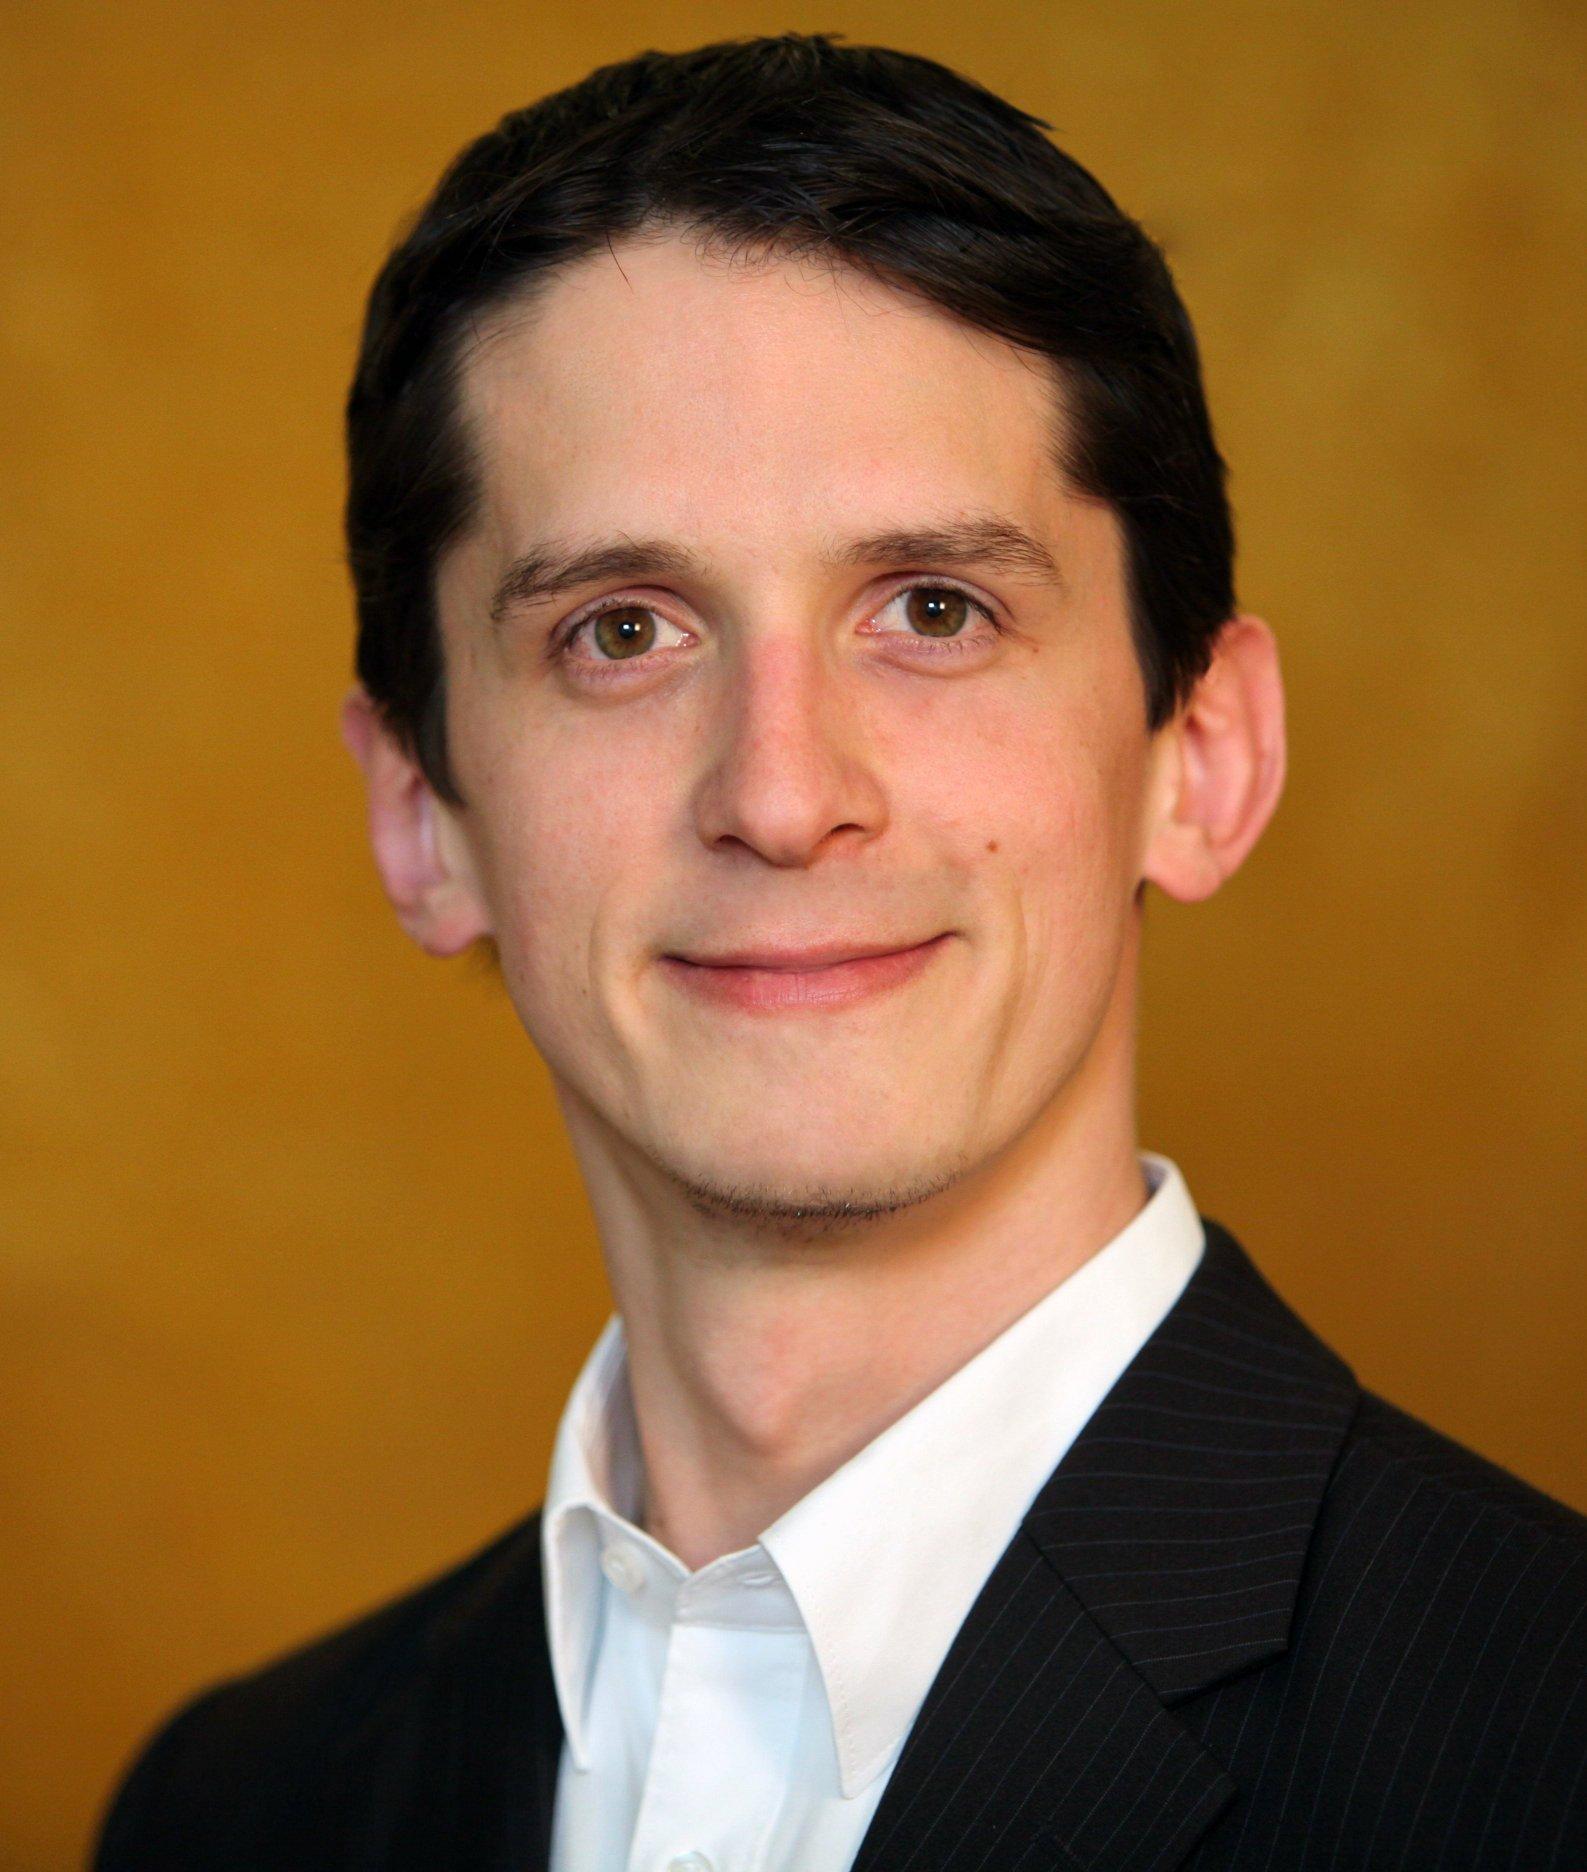 Stefan Leypold